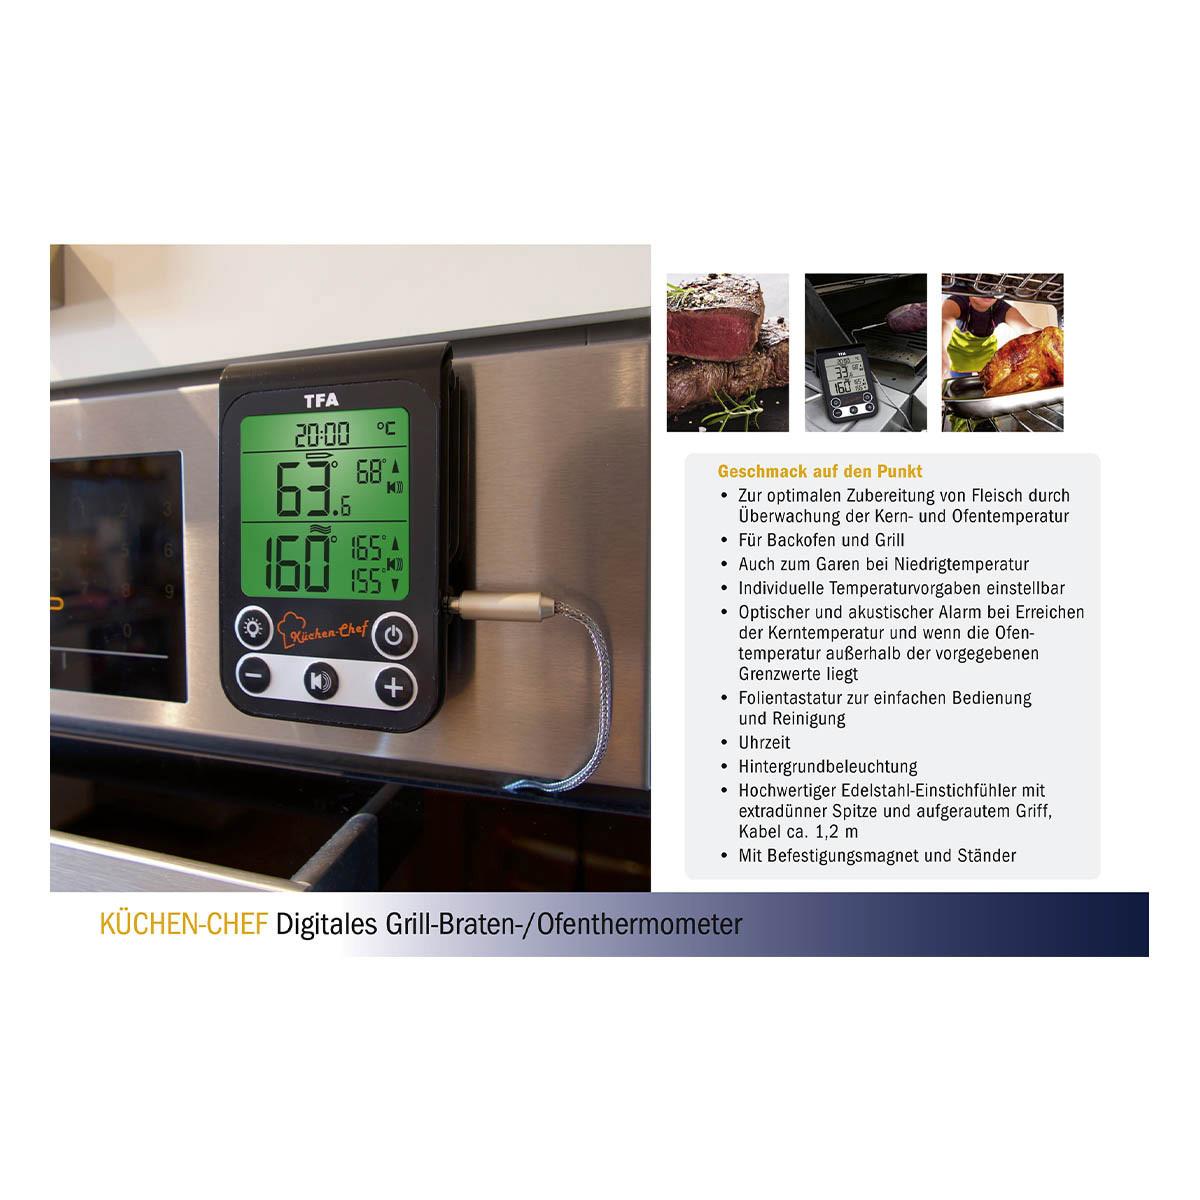 14-1512-01-digitales-grill-braten-ofenthermometer-küchen-chef-vorteile-1200x1200px.jpg